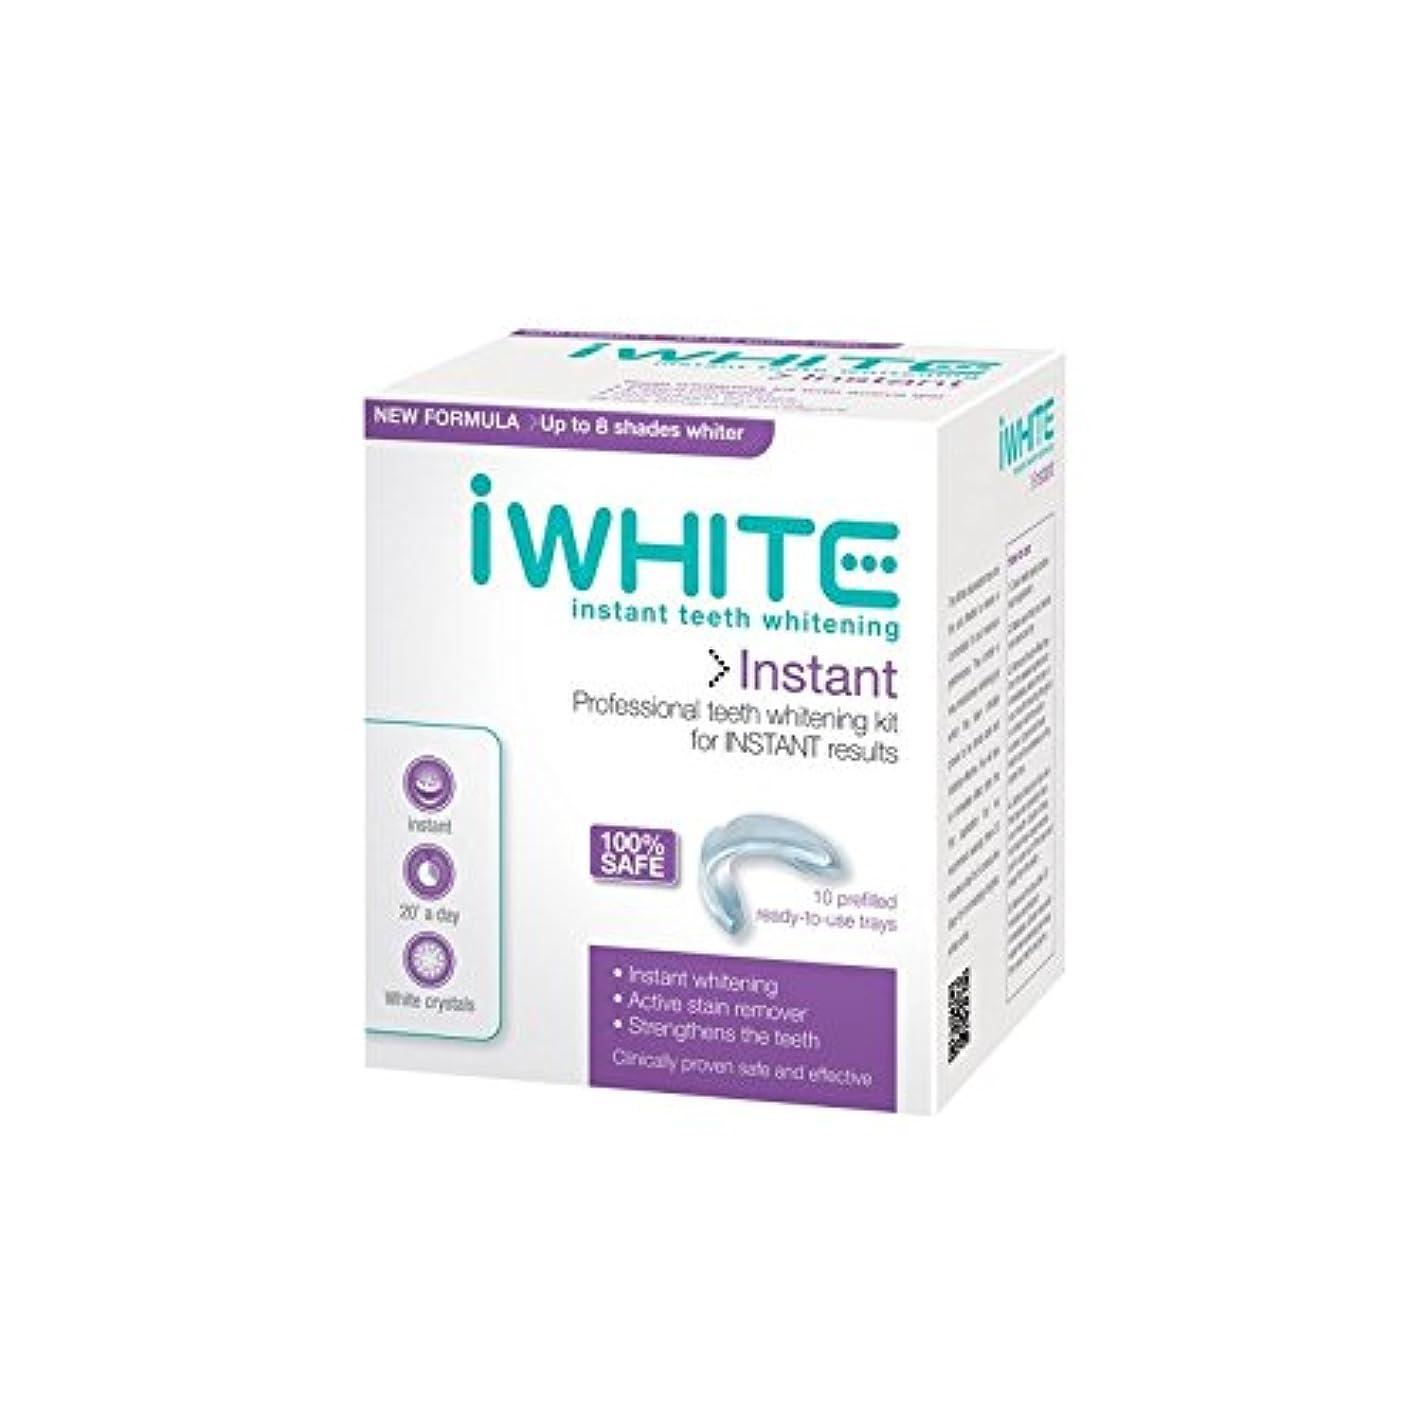 クール似ているアコードiWhite Instant Professional Teeth Whitening Kit (10 Trays) (Pack of 6) - キットを白くするインスタントプロの歯(10個のトレー) x6 [並行輸入品]